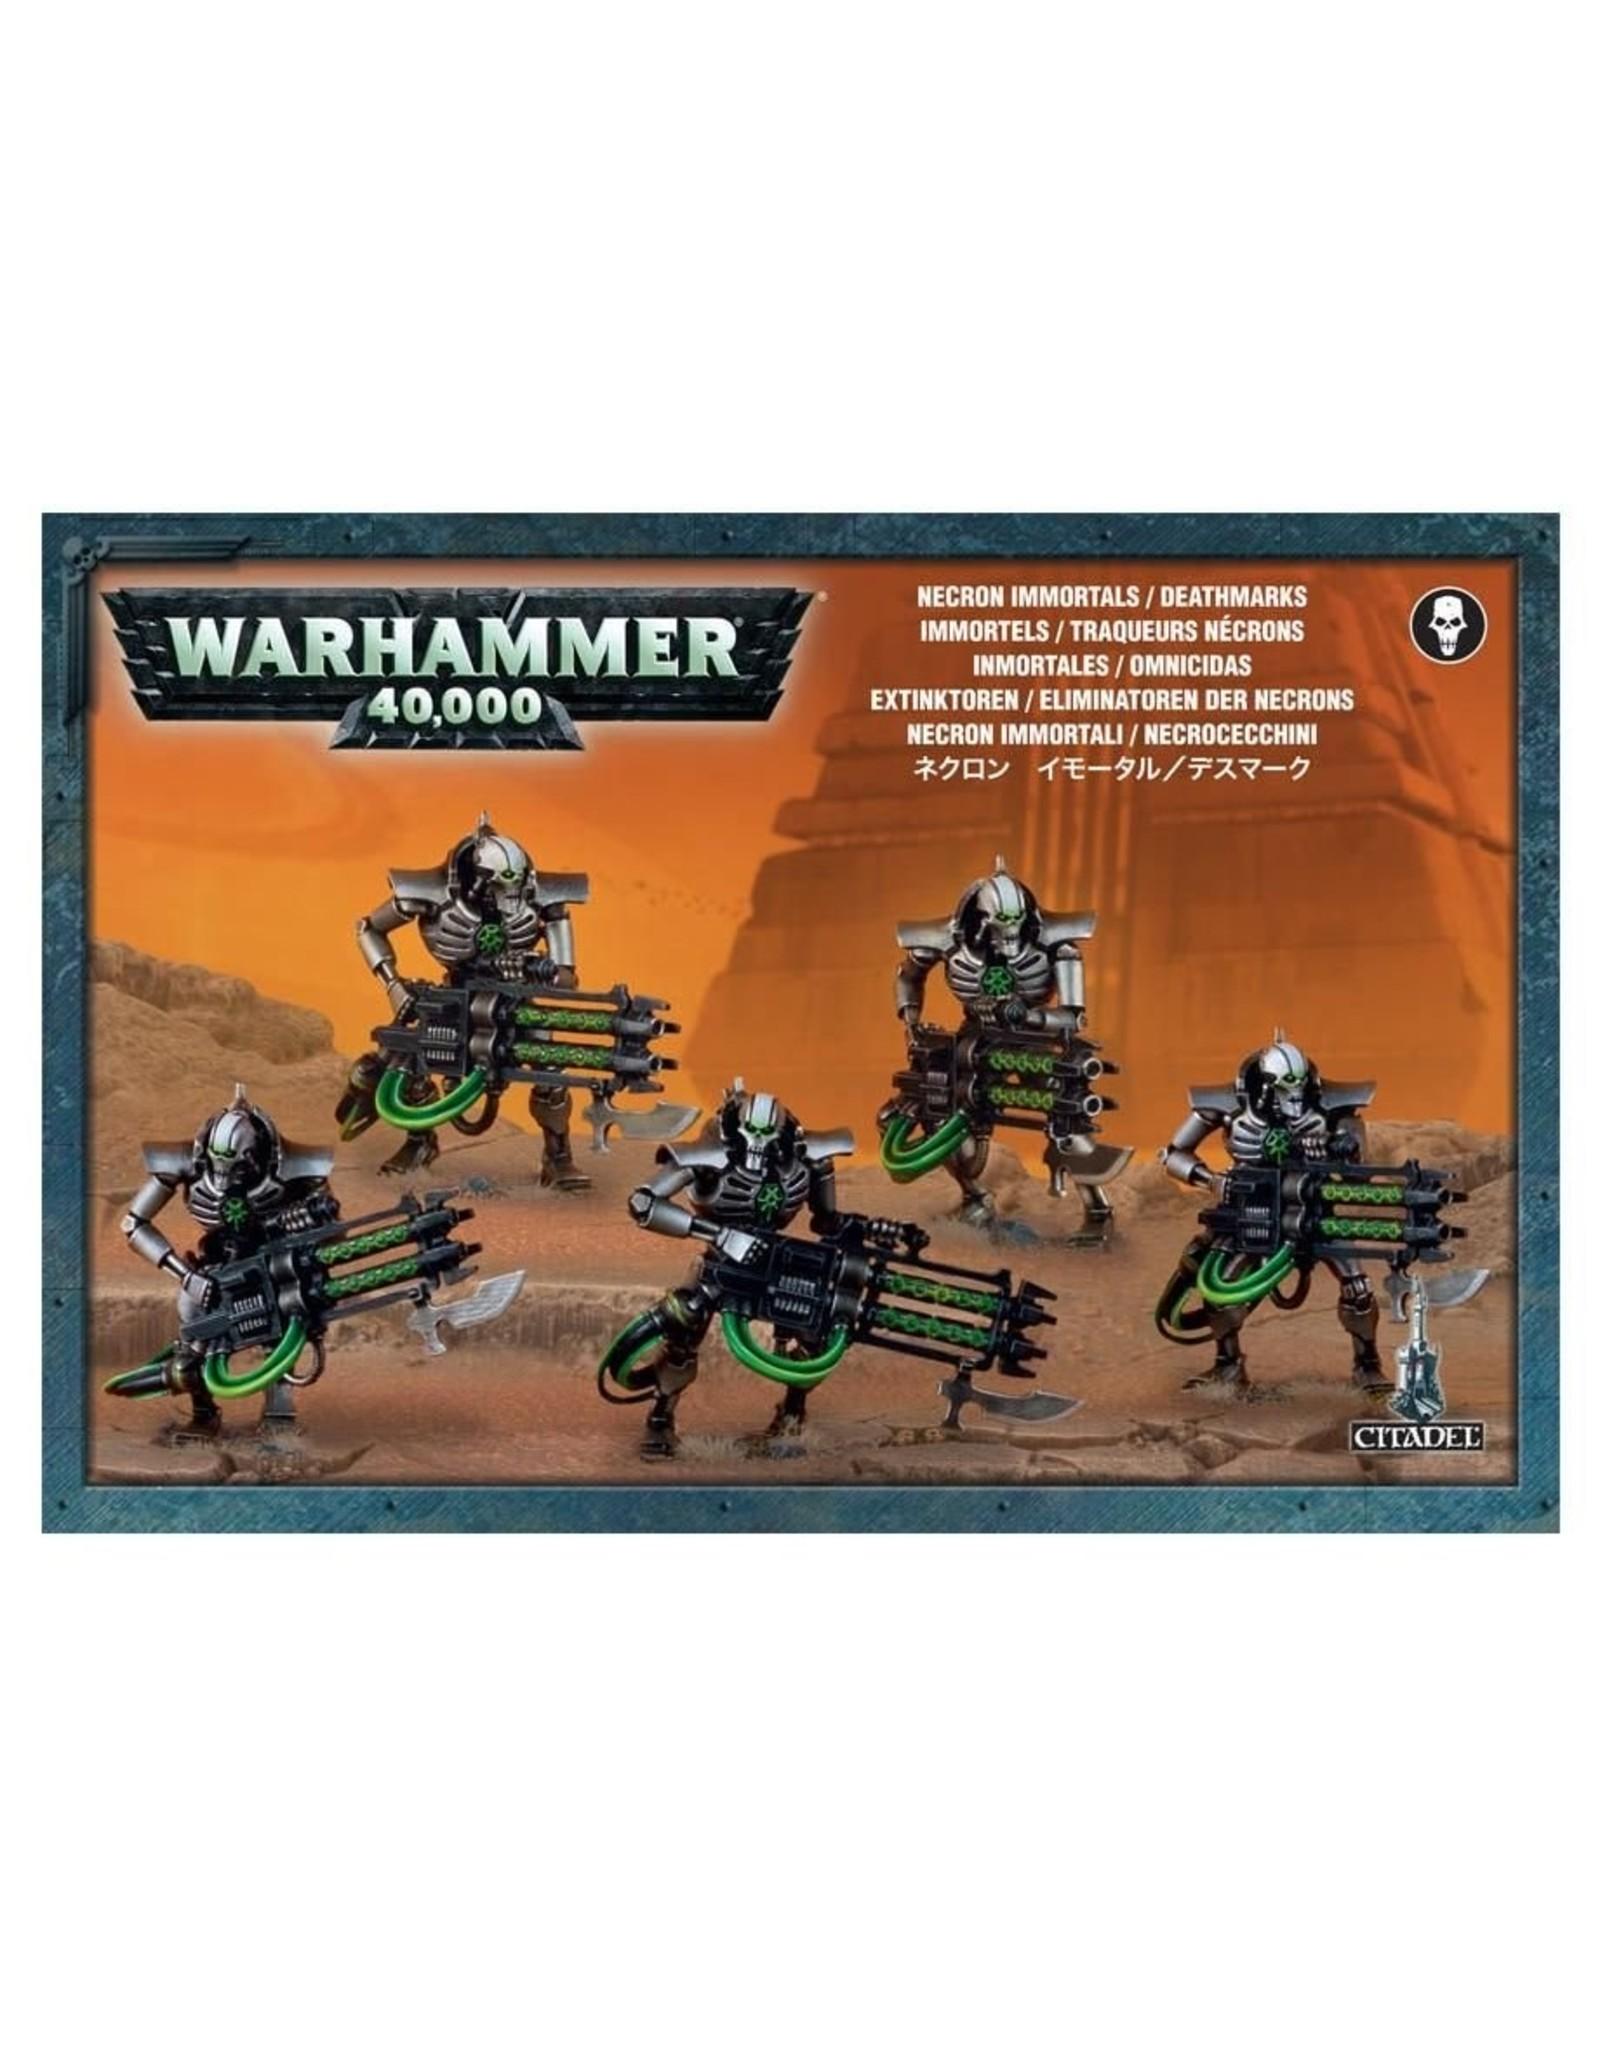 Warhammer 40K: Necron Immortals/Deathmarks